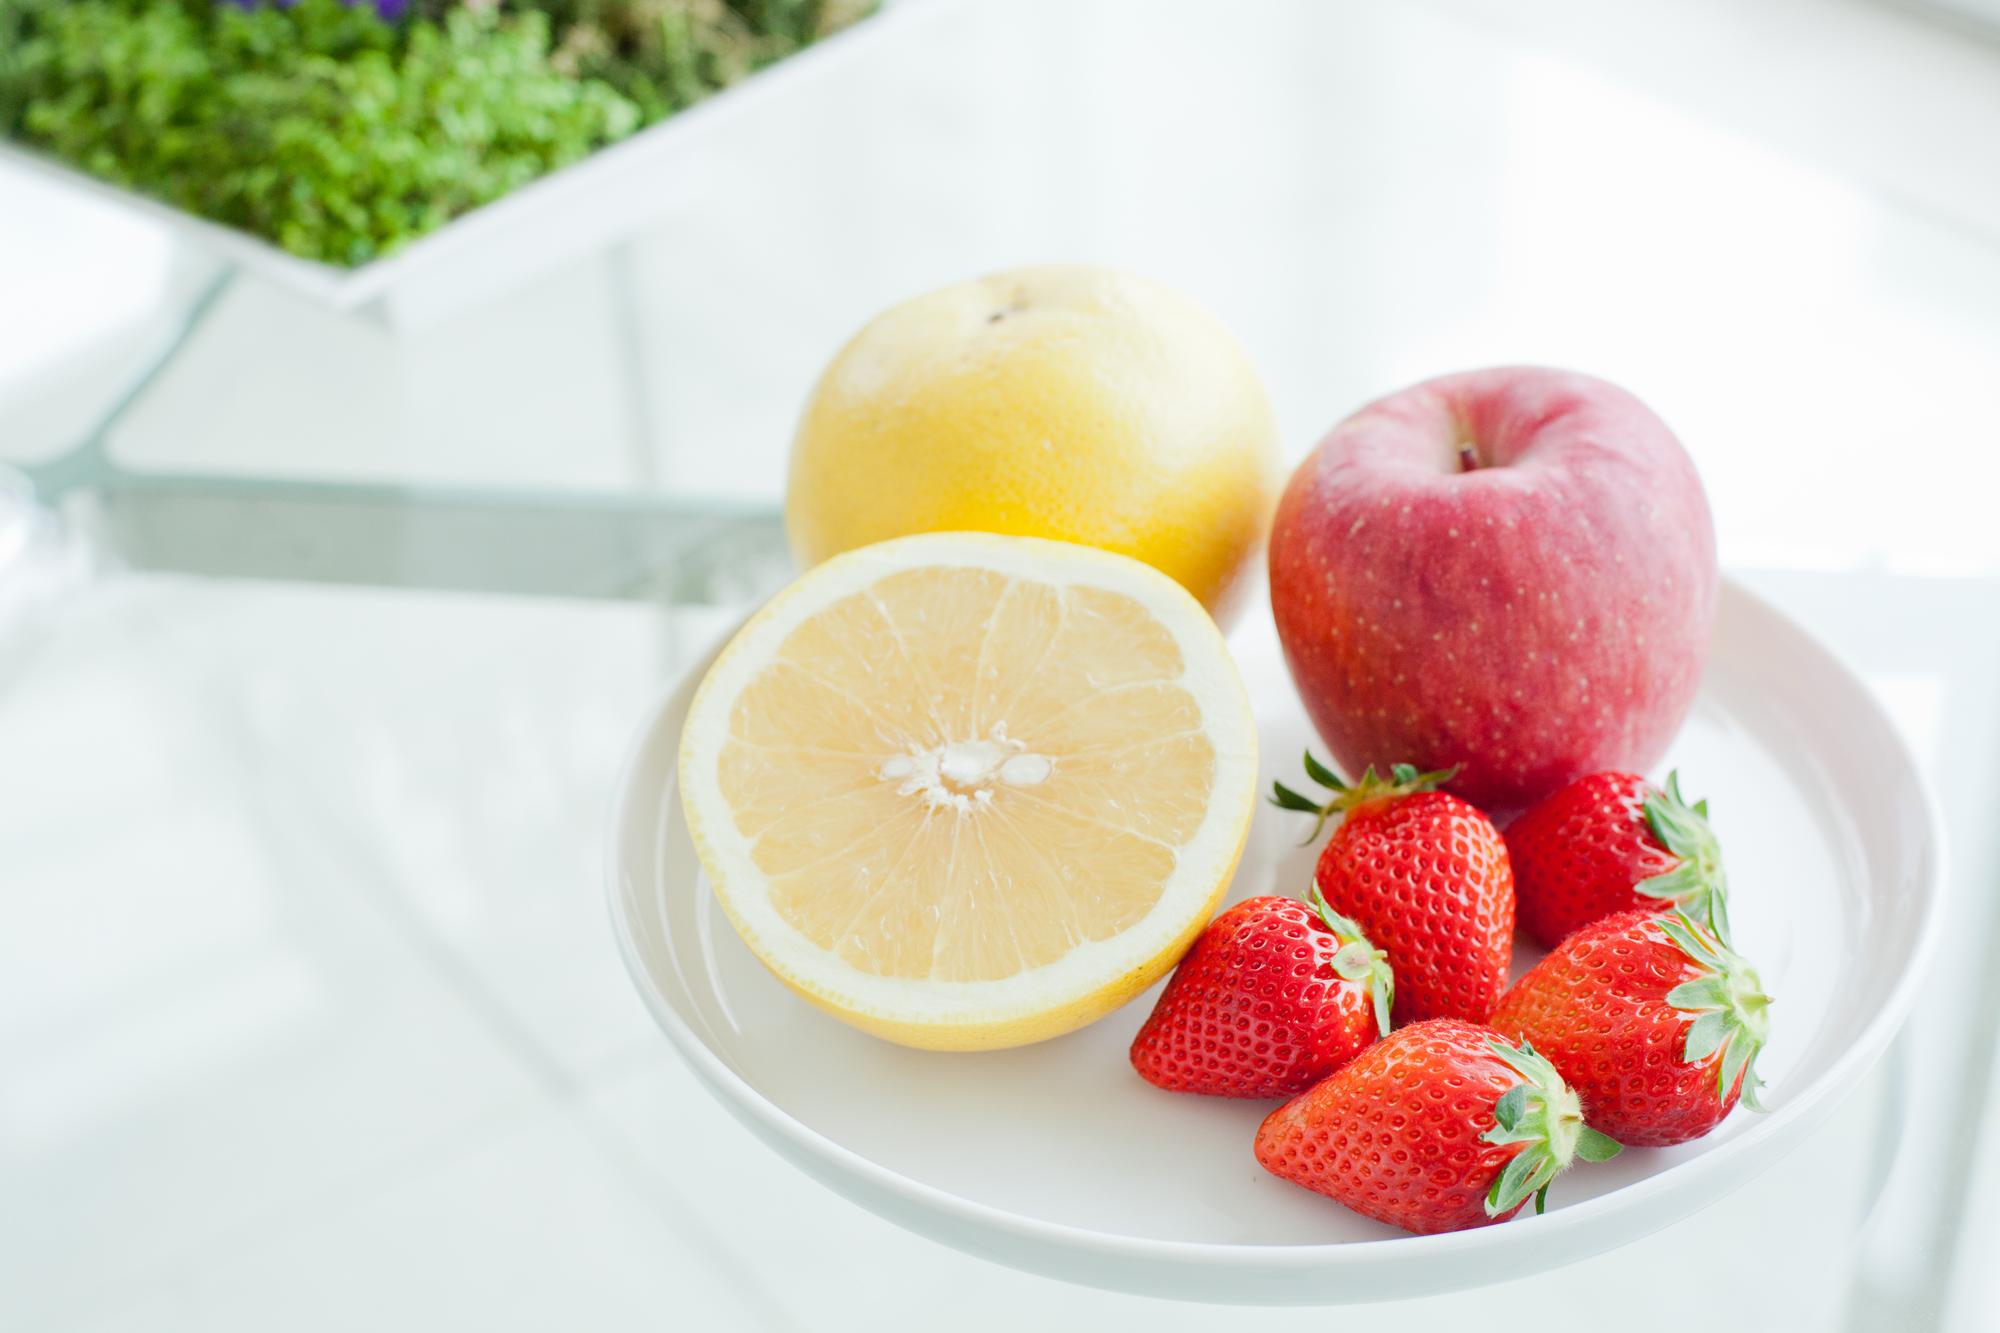 イチゴなどフルーツ